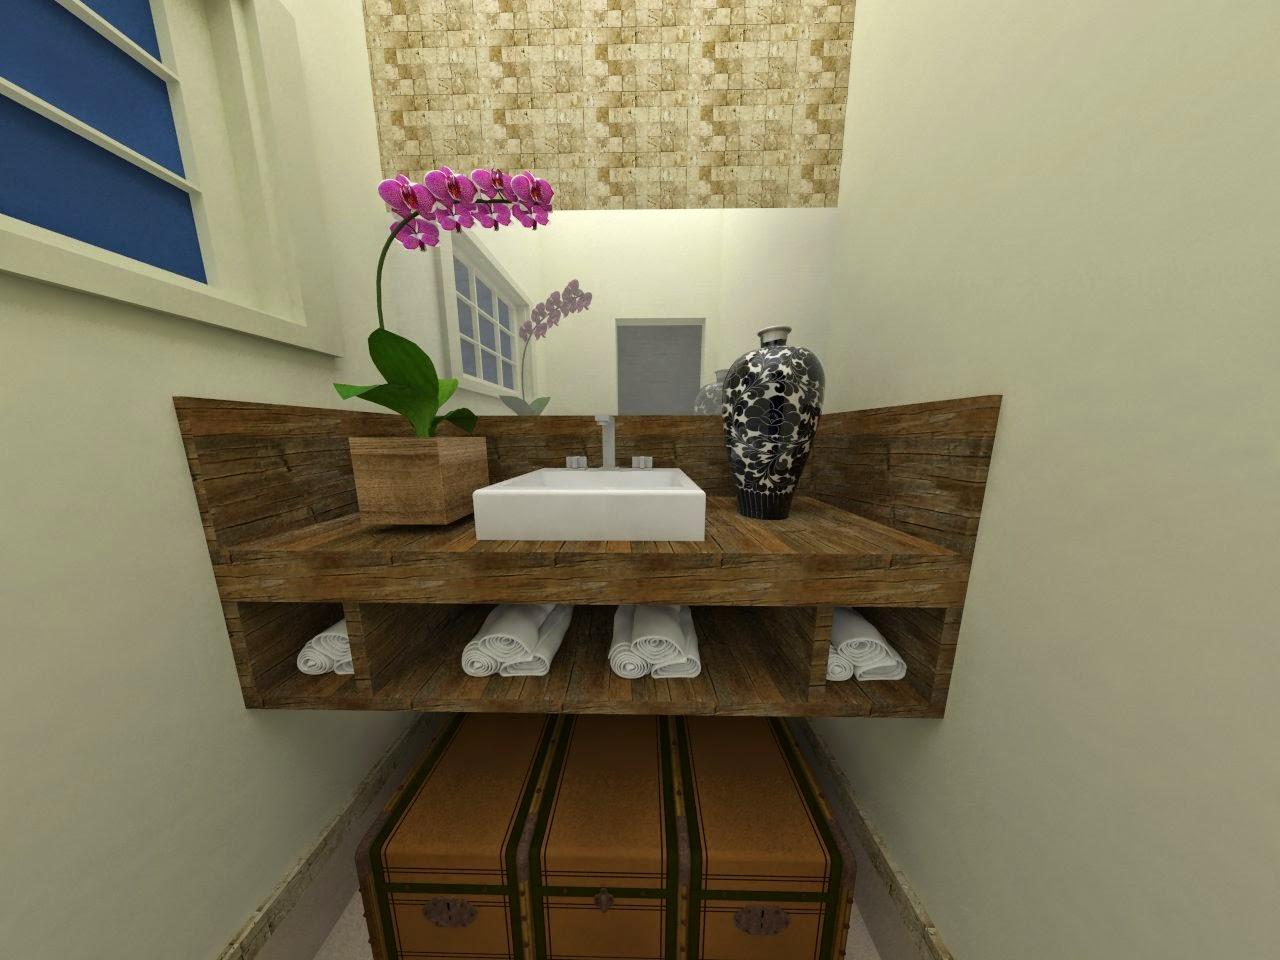 de Interiores Alice Lopes: Lavabo com base de cuba em madeira de  #496827 1280x960